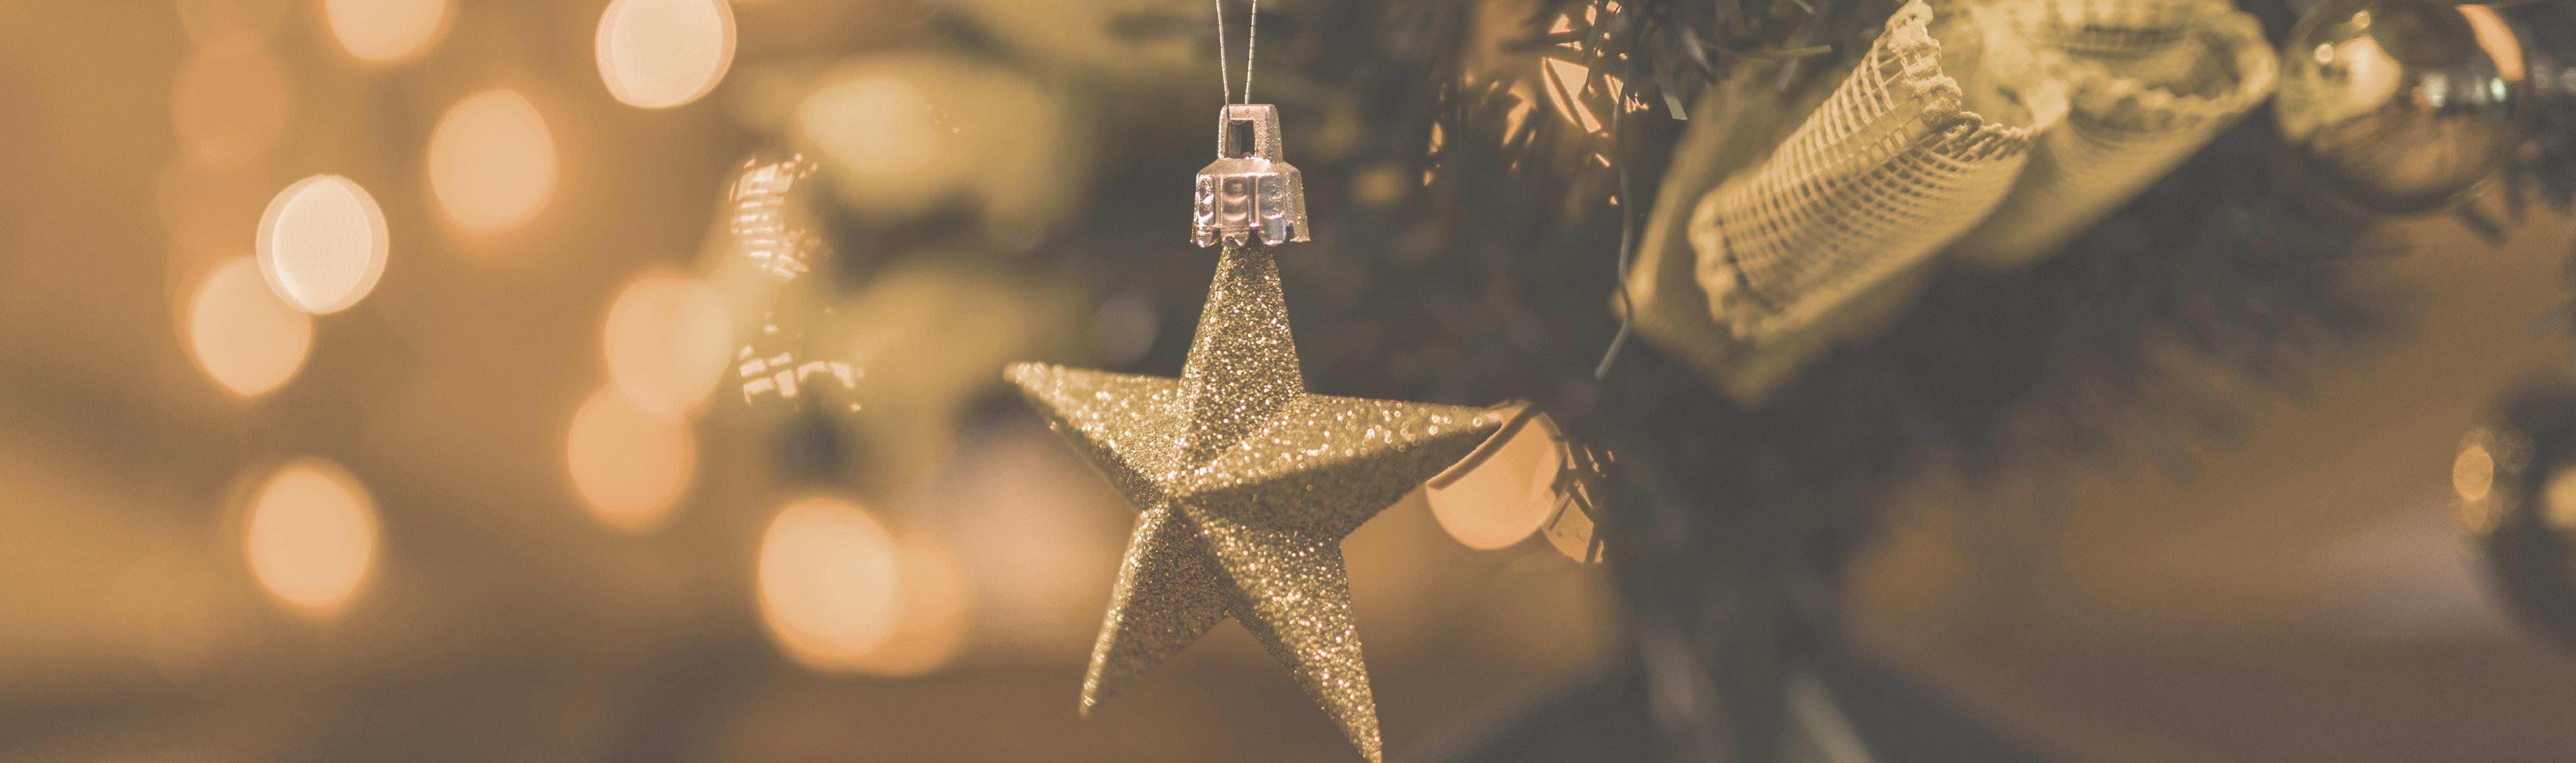 Grupo CARAC os desea Felices Fiestas